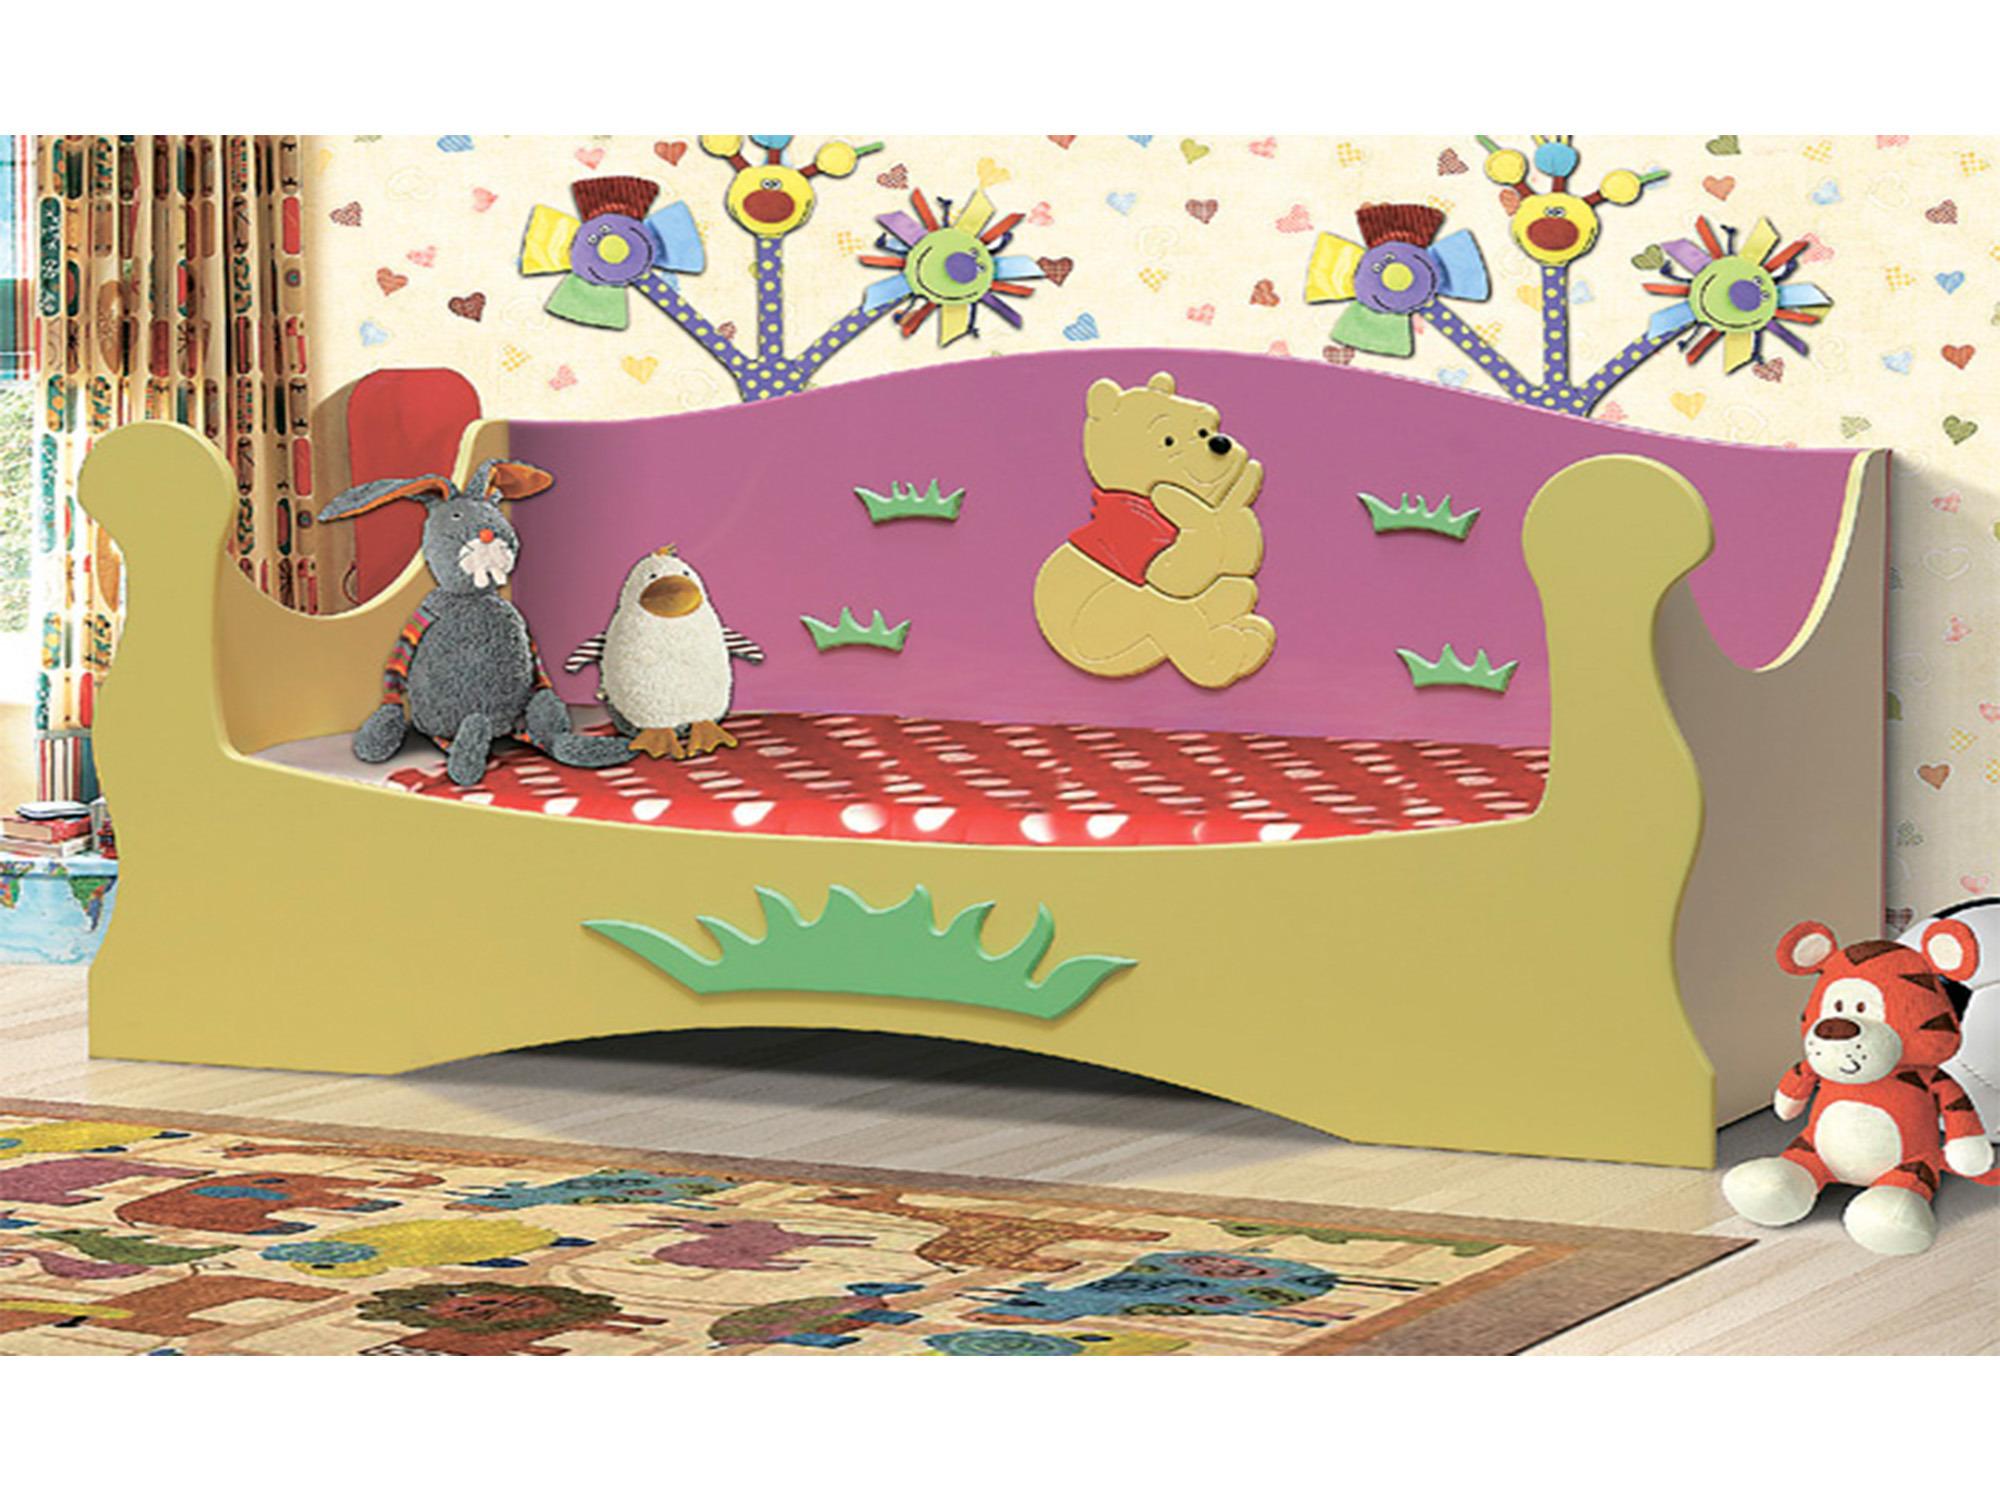 Кровать МедвежонокДетские кровати<br><br><br>Длина мм: 1990<br>Высота мм: 930<br>Глубина мм: 840